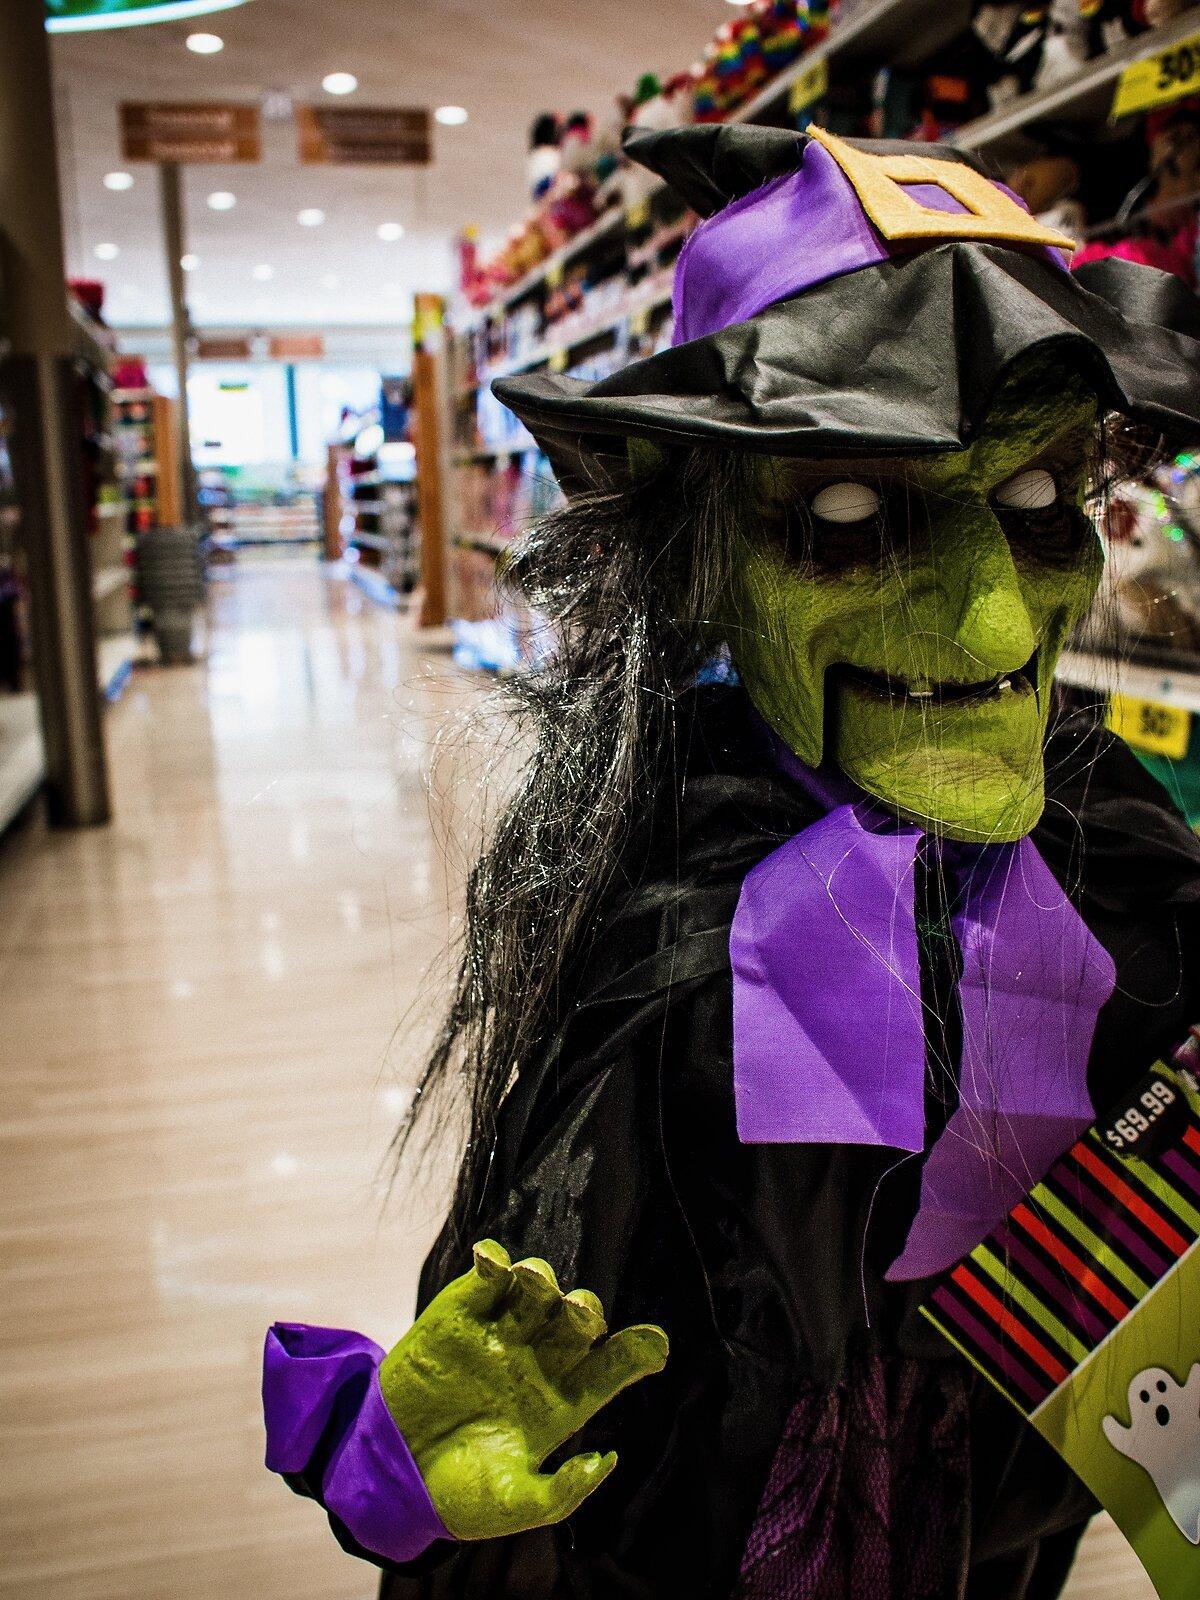 EP3_Nov4_Pharmacy_Witch(Streetlux).jpg